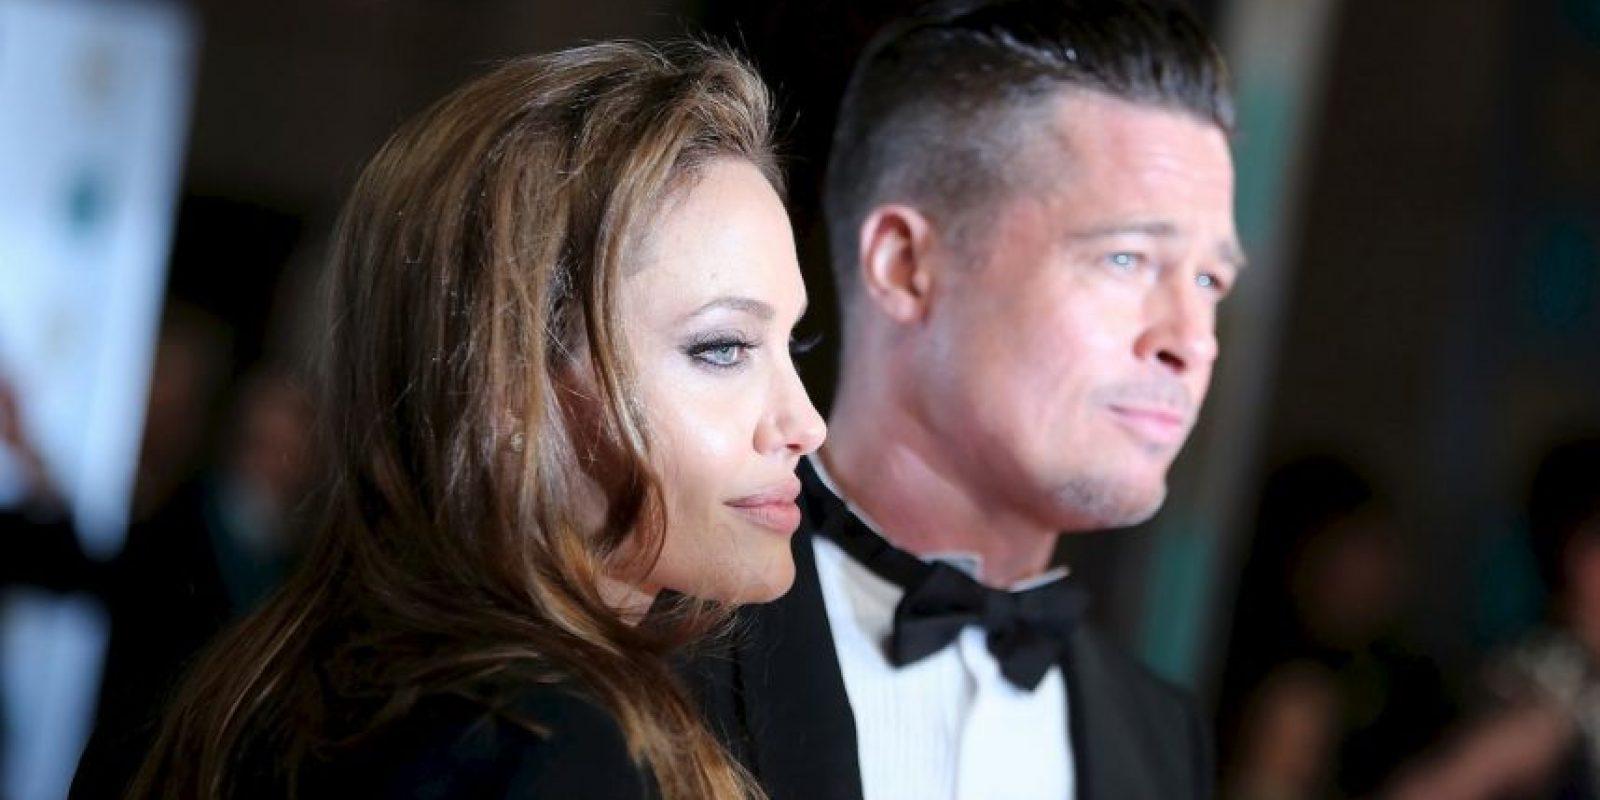 Otros medios incluso especularon que su divorcio costaría hasta 480 millones de dólares. Foto:Getty Images